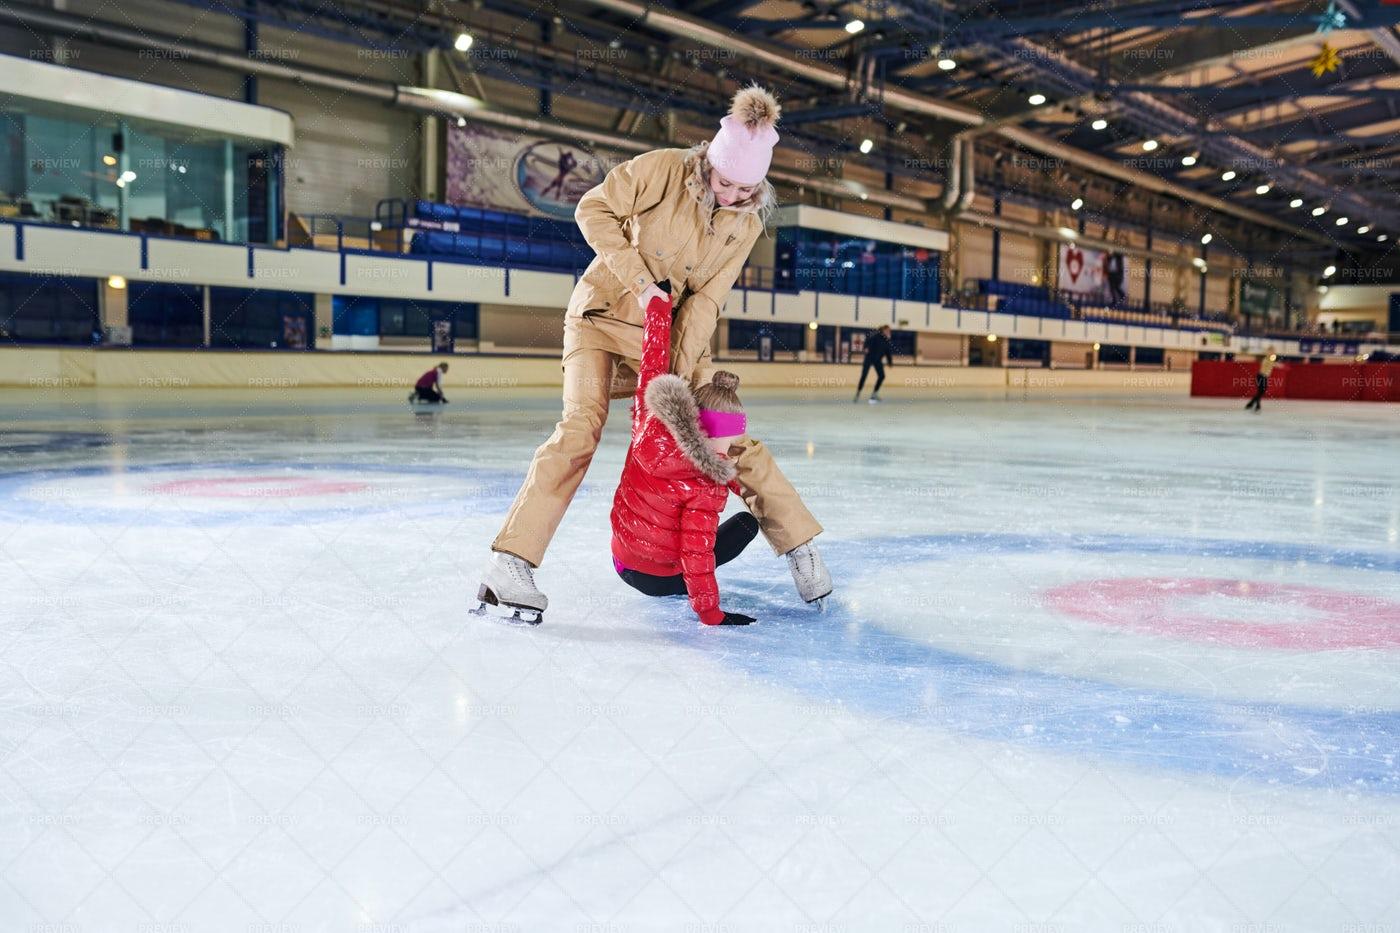 Family Ice Skating: Stock Photos